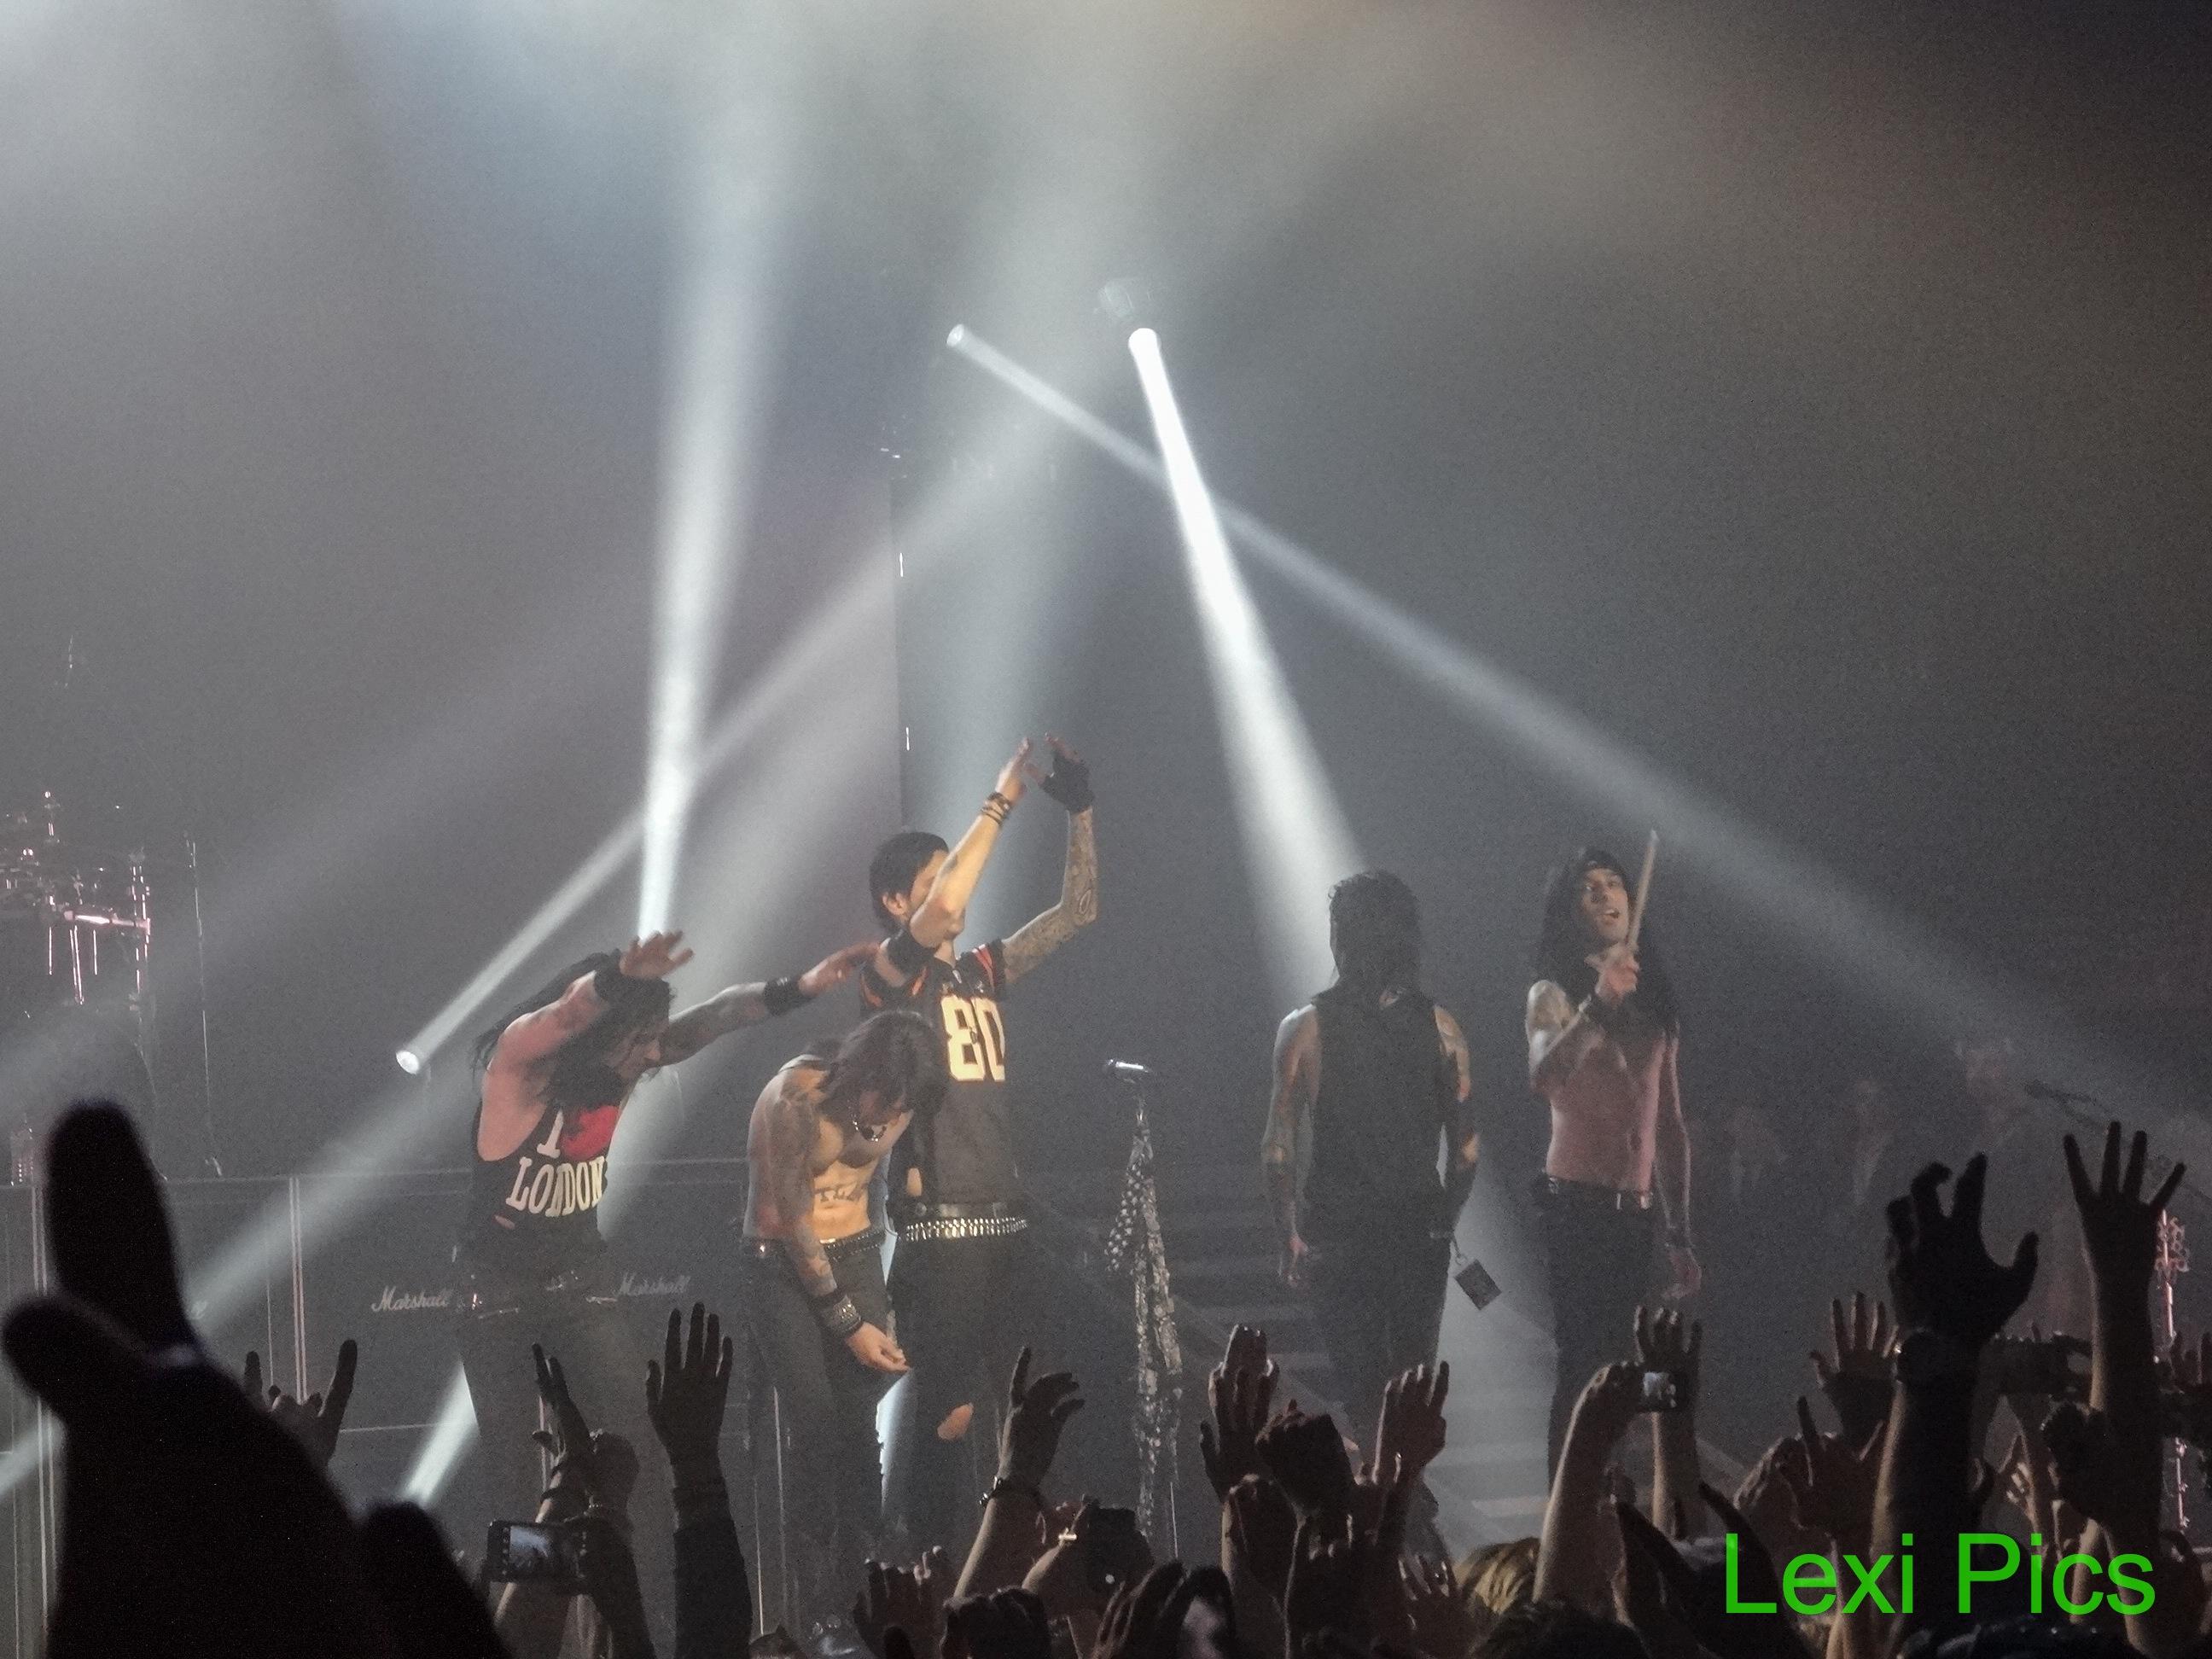 Concert Review Black Veil Brides Black Mtour 2014 O2 Academy Brixton London